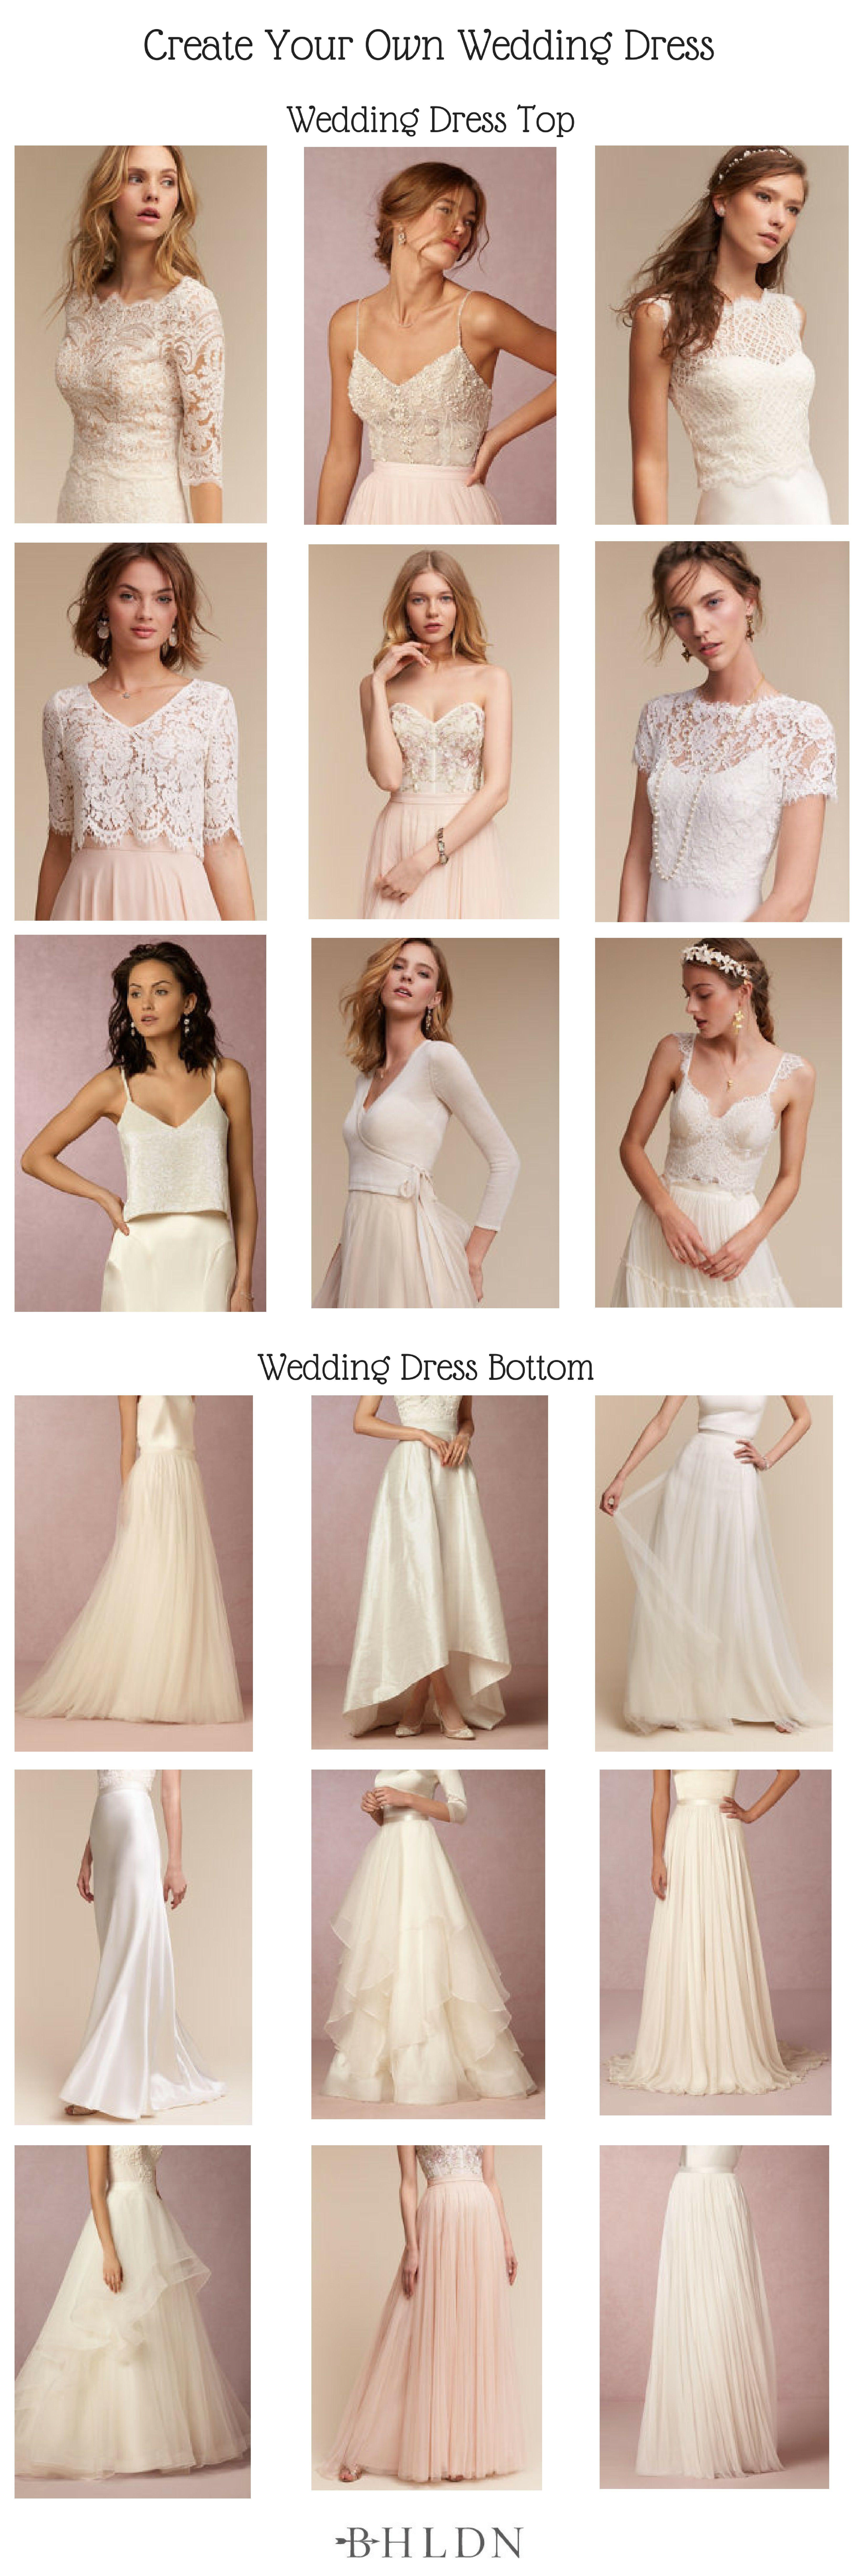 Amazing Elegant Wedding Dresses 101 Wedding Dresses Dream Wedding Dress Mermaid Elegant Wedding Dress